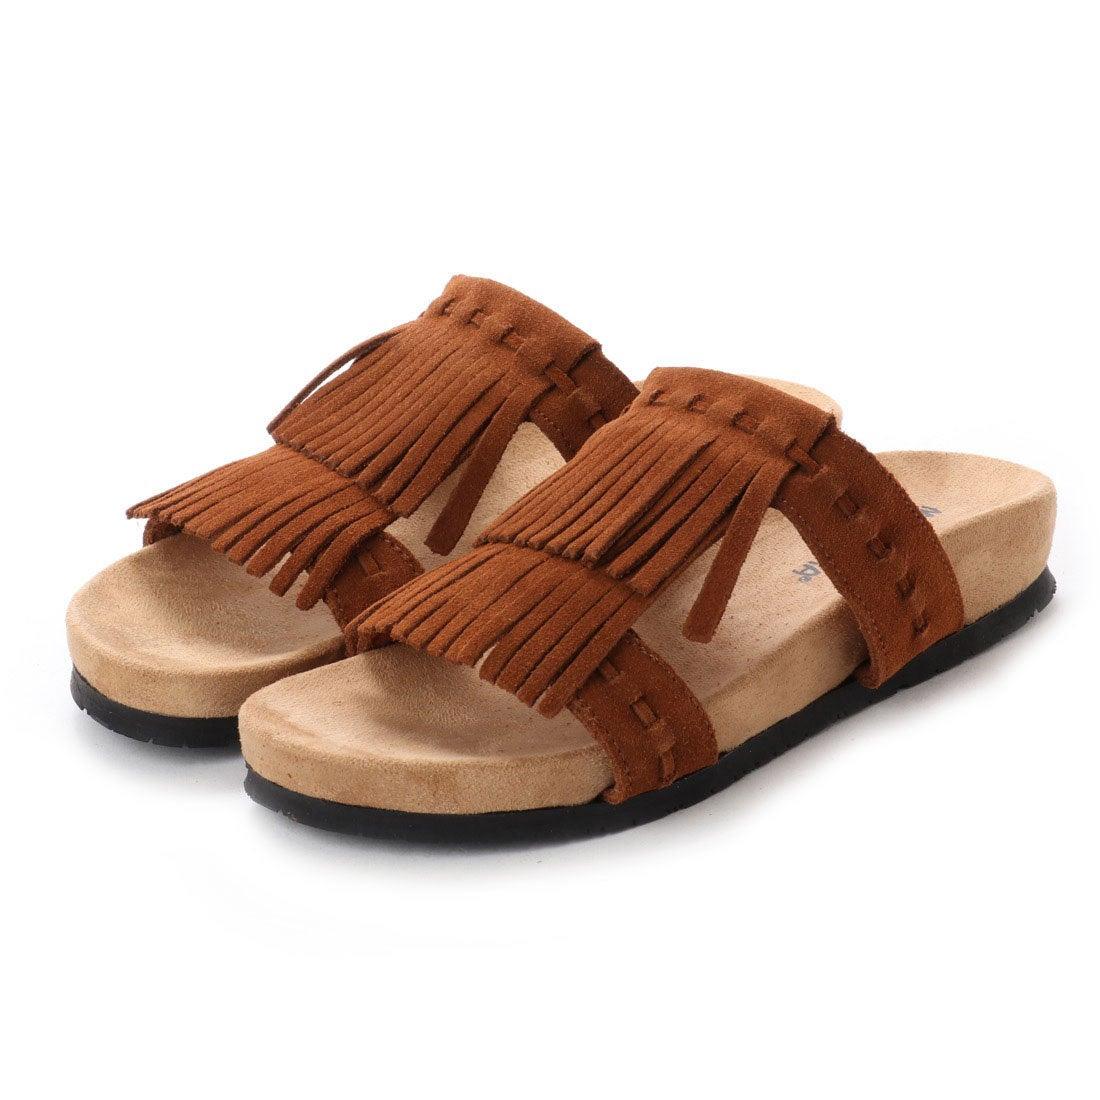 ミネトンカ minnetonka 740021 daisy brown 靴 ファッション通販